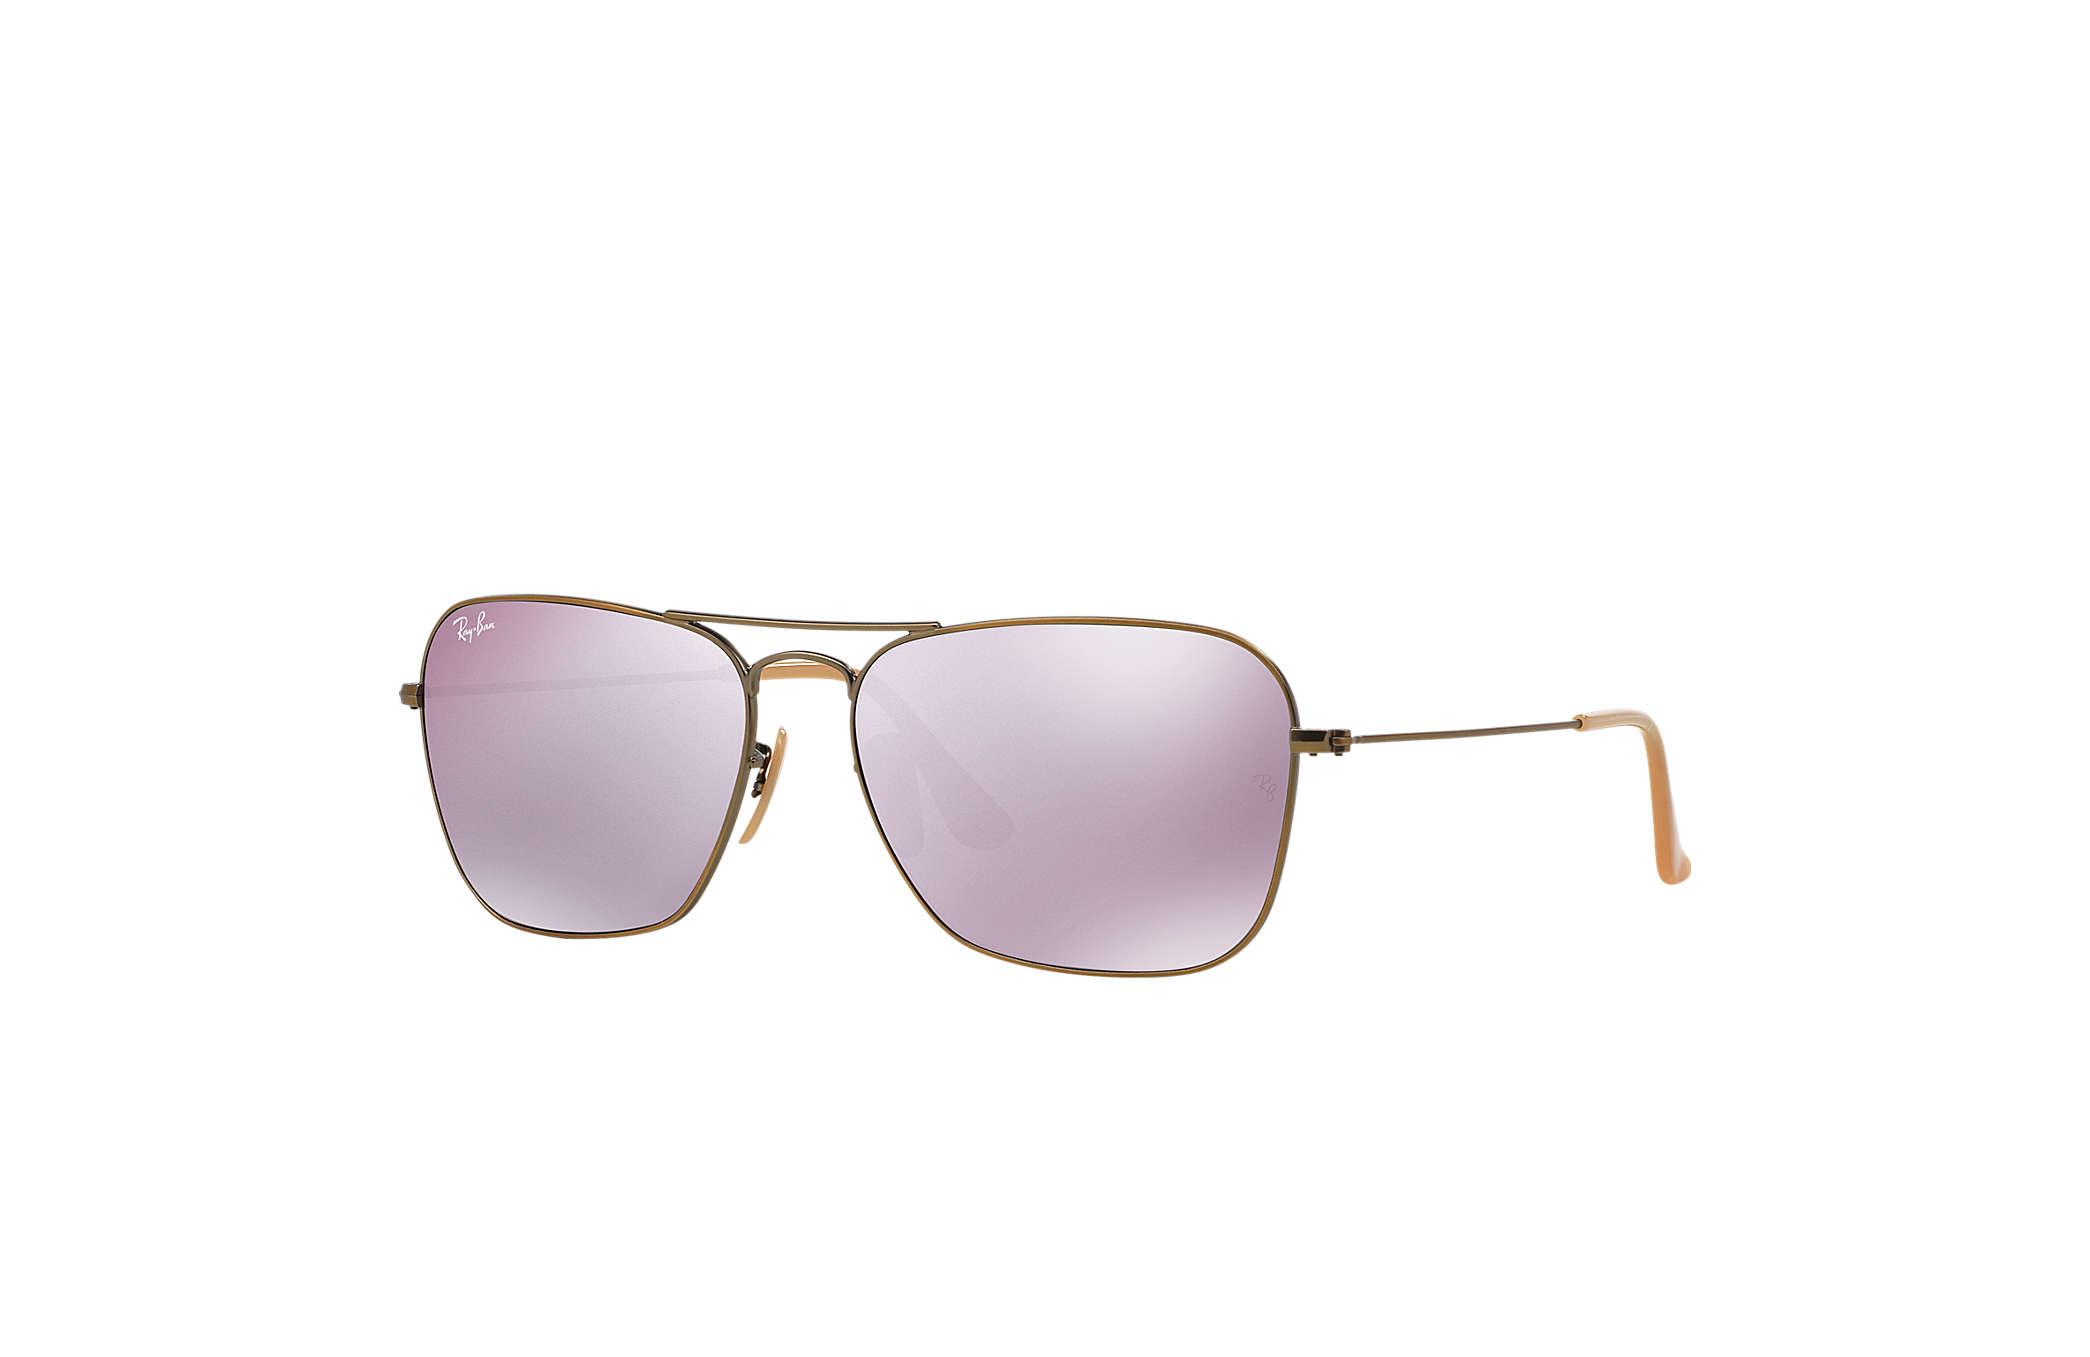 4d3bba87e0 Ray-Ban Caravan RB3136 Bronze-Copper - Metal - Lilac Lenses ...